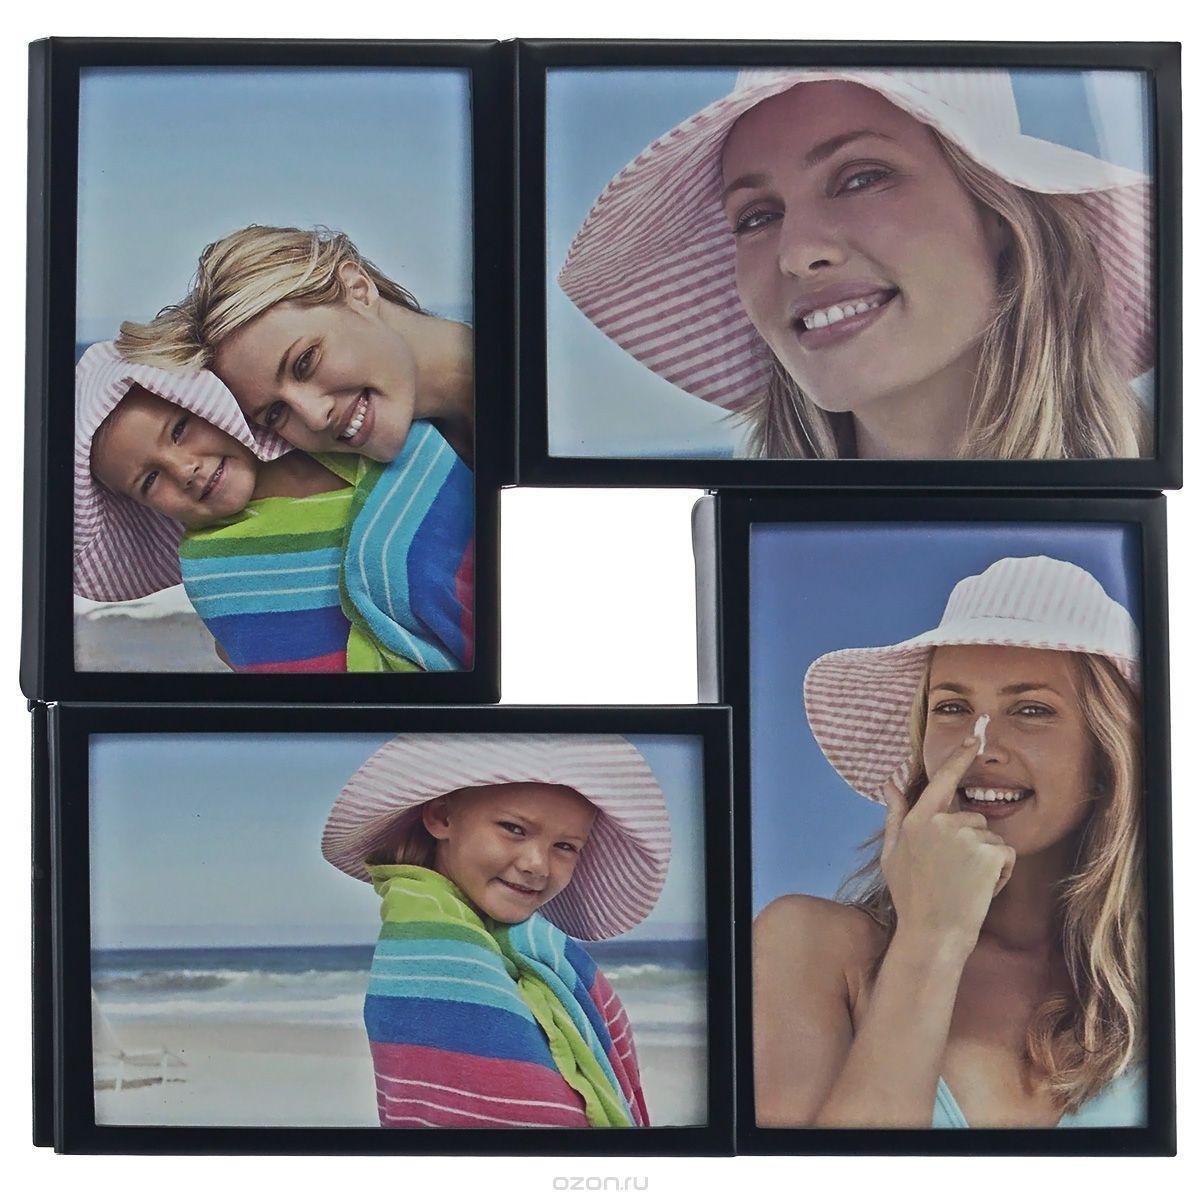 Фоторамка Image Art, цвет: черный, на 4 фото, 10 х 15 см 5055398600535Брелок для ключейФоторамка-коллаж Image Art - прекрасный способ красиво оформить ваши фотографии. Изделие рассчитано на 4 фотографии. Фоторамка выполнена из металла и защищена стеклом. Фоторамку можно подвесить на стену, для чего с задней стороны предусмотрены специальные отверстия. Такая фоторамка поможет сохранить на память самые яркие моменты вашей жизни, а стильный дизайн сделает ее прекрасным дополнением интерьера.